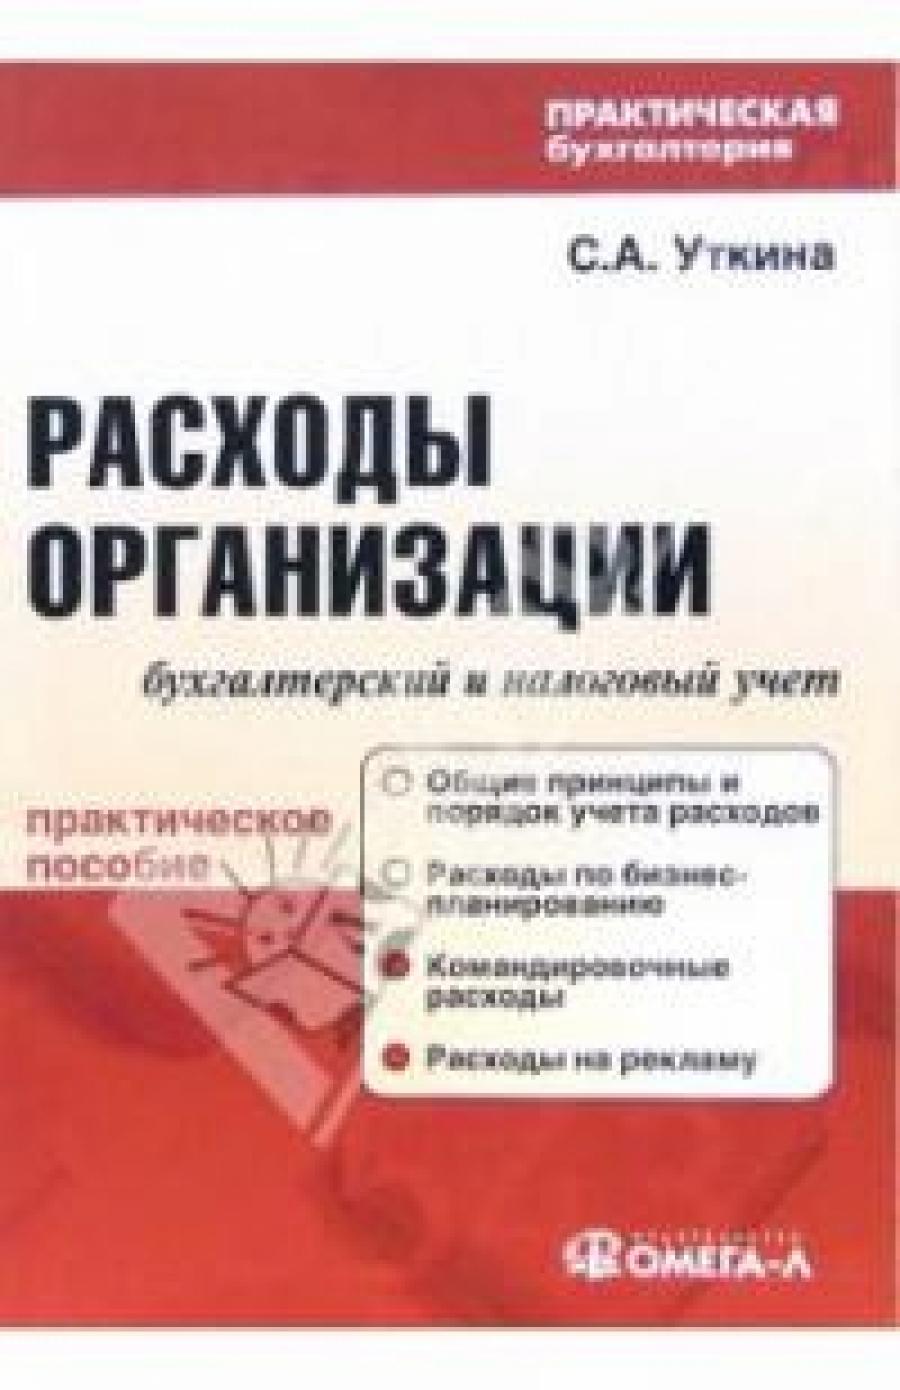 Обложка книги:  уткина с.а. - расходы организации. бухгалтерский и налоговый учет